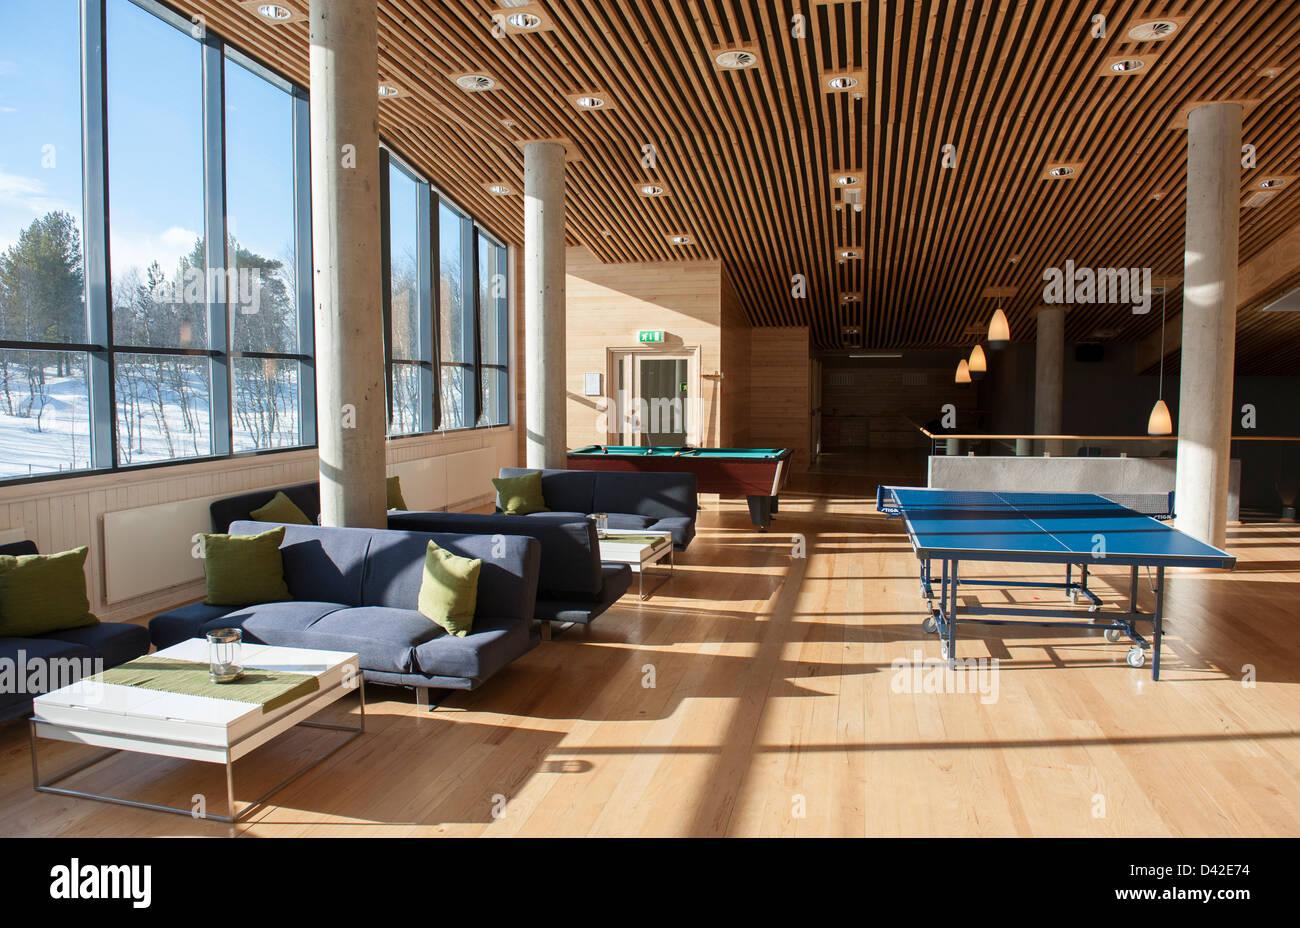 Primo piano con il biliardo, il tennis da tavolo e area lounge a Geilo Kulturkyrkje in Geilo, Hallingdal, Norvegia Immagini Stock